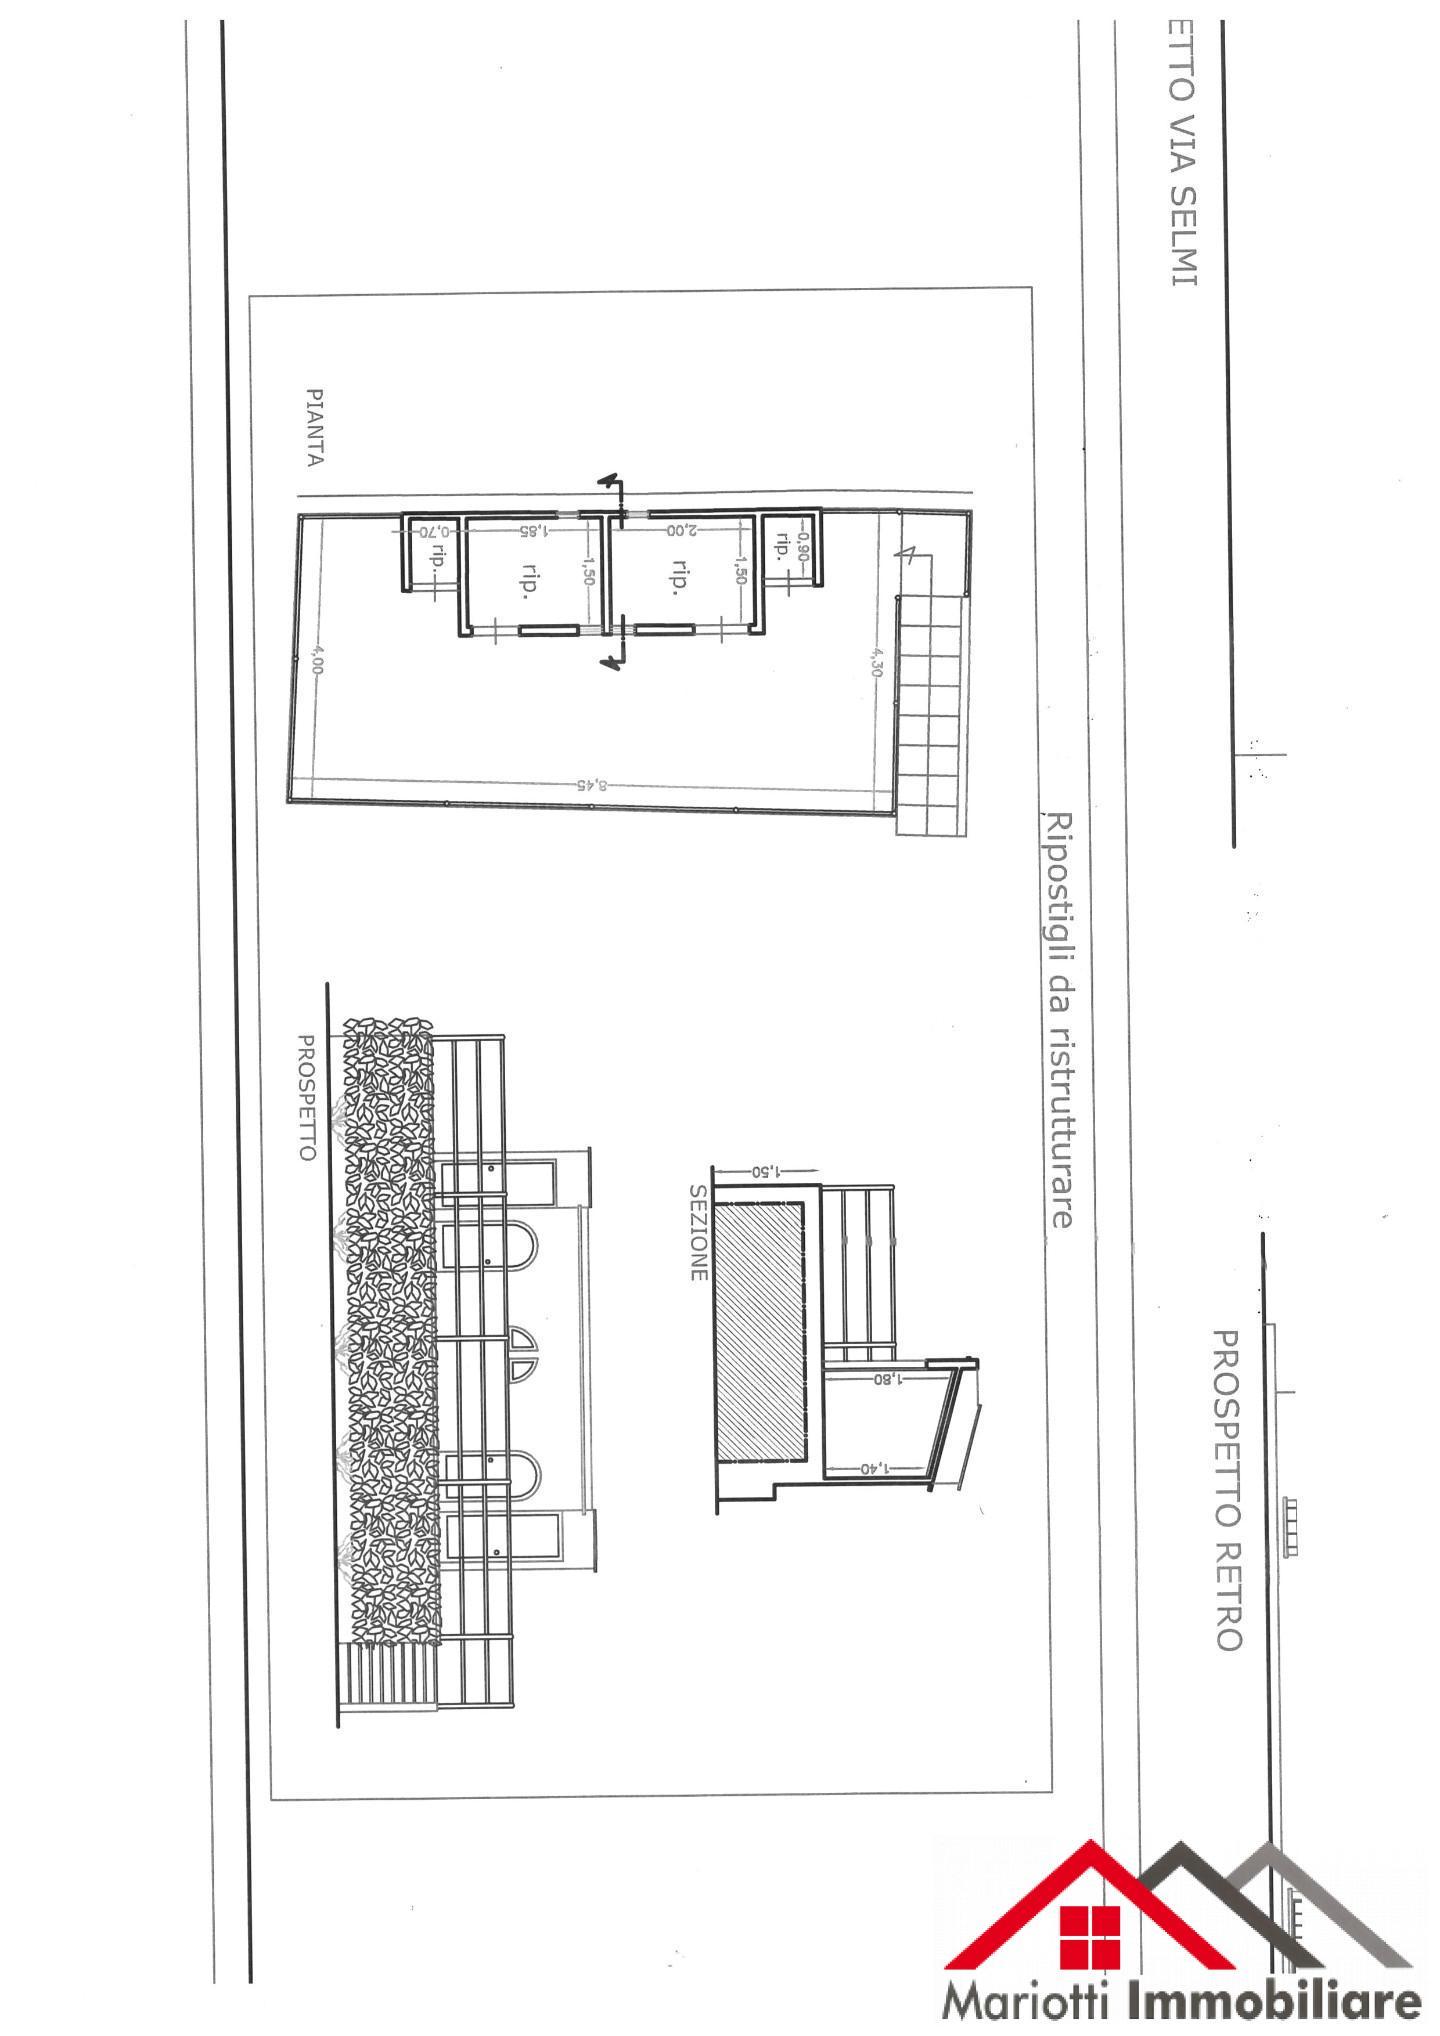 Appartamento in vendita, rif. 6980-C